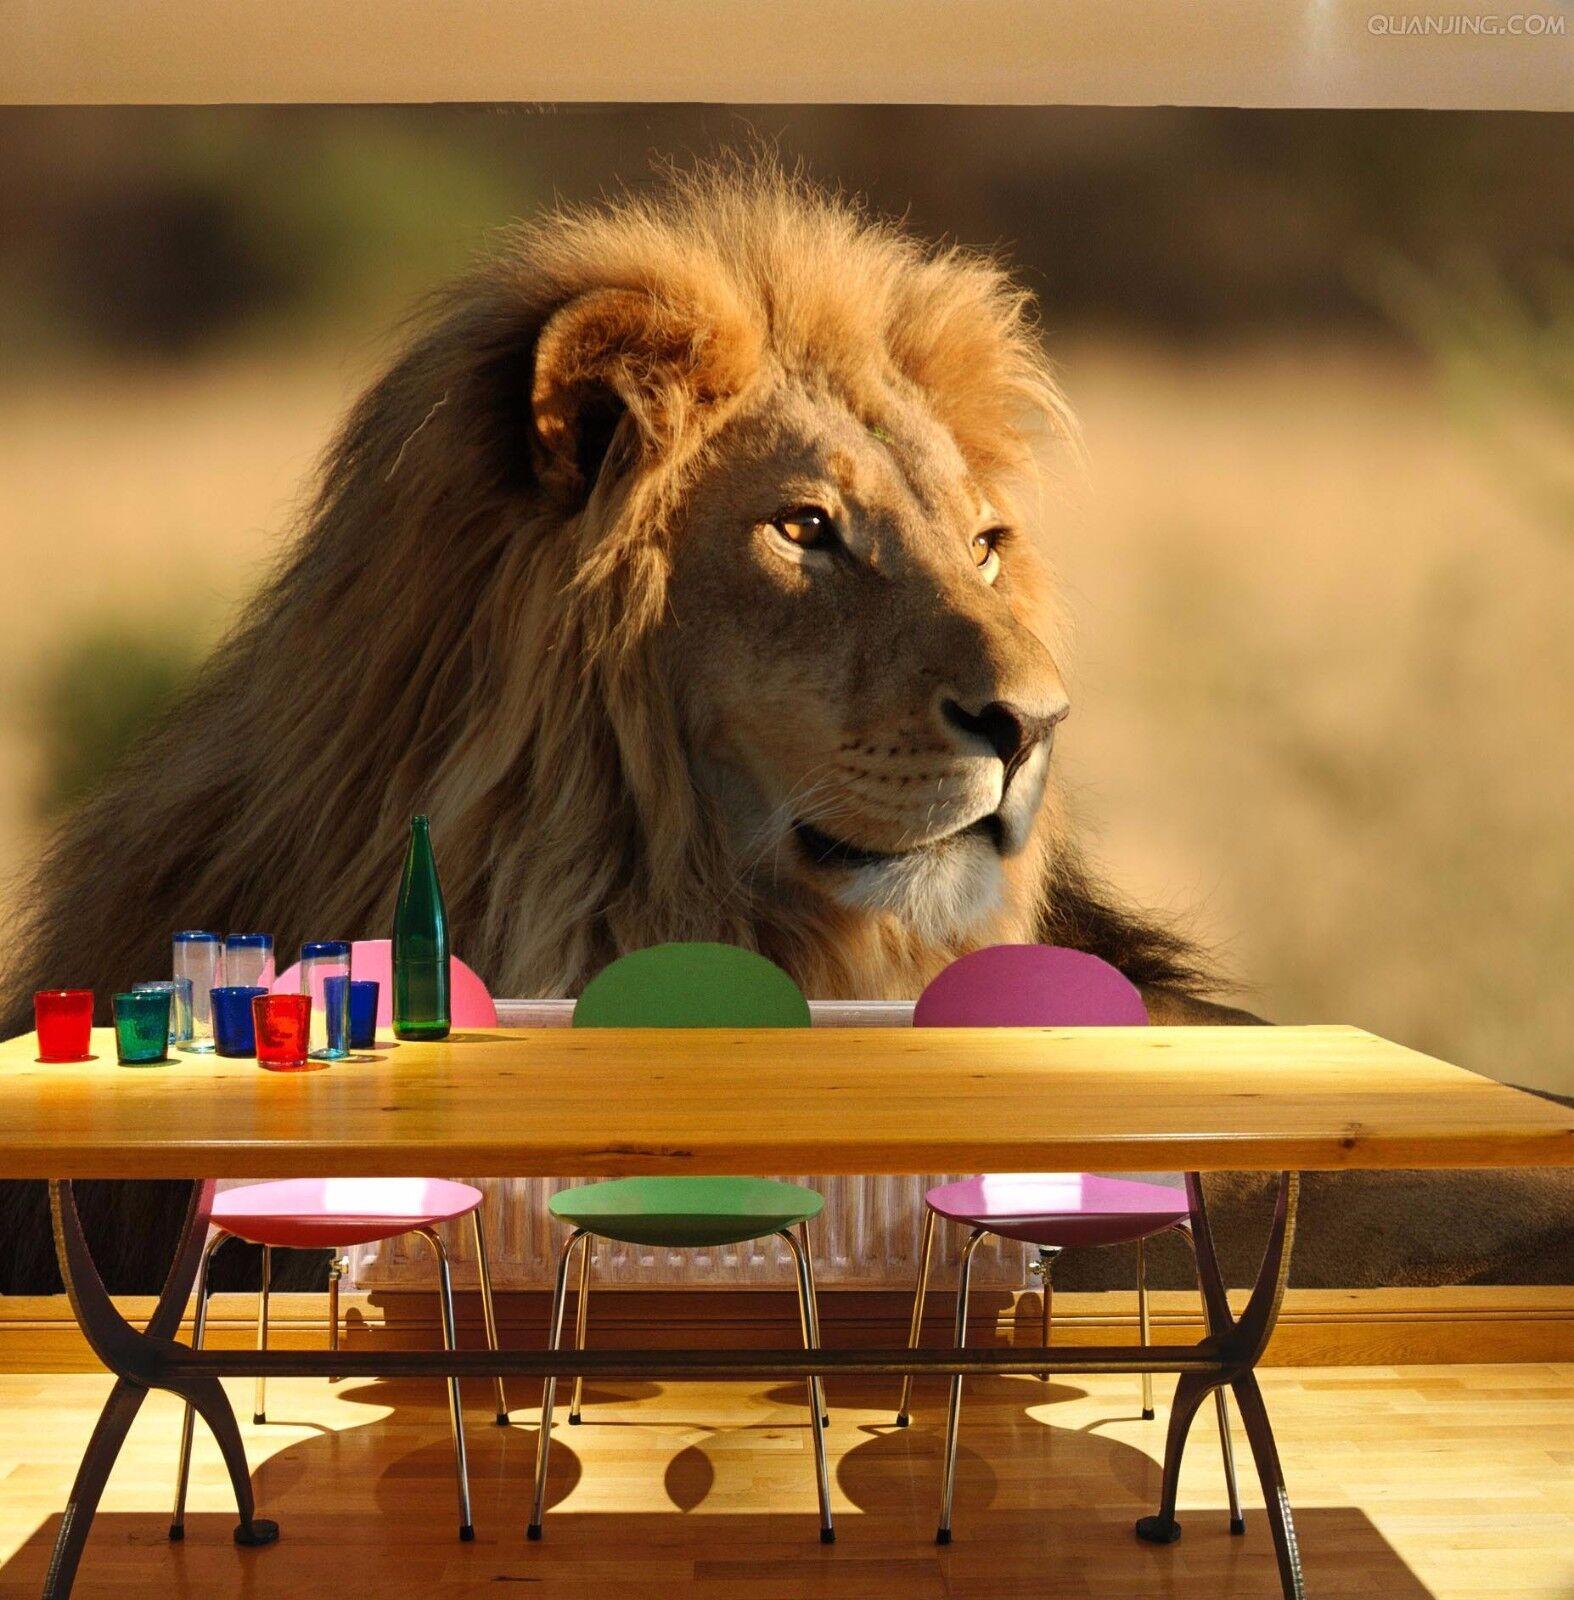 3D Mächtiger Löwe 853 Tapete Wandgemälde Tapete Tapeten Bild Bild Bild Familie DE Summer  | Erste Klasse in seiner Klasse  | Modern Und Elegant  | Outlet Online  87f63d